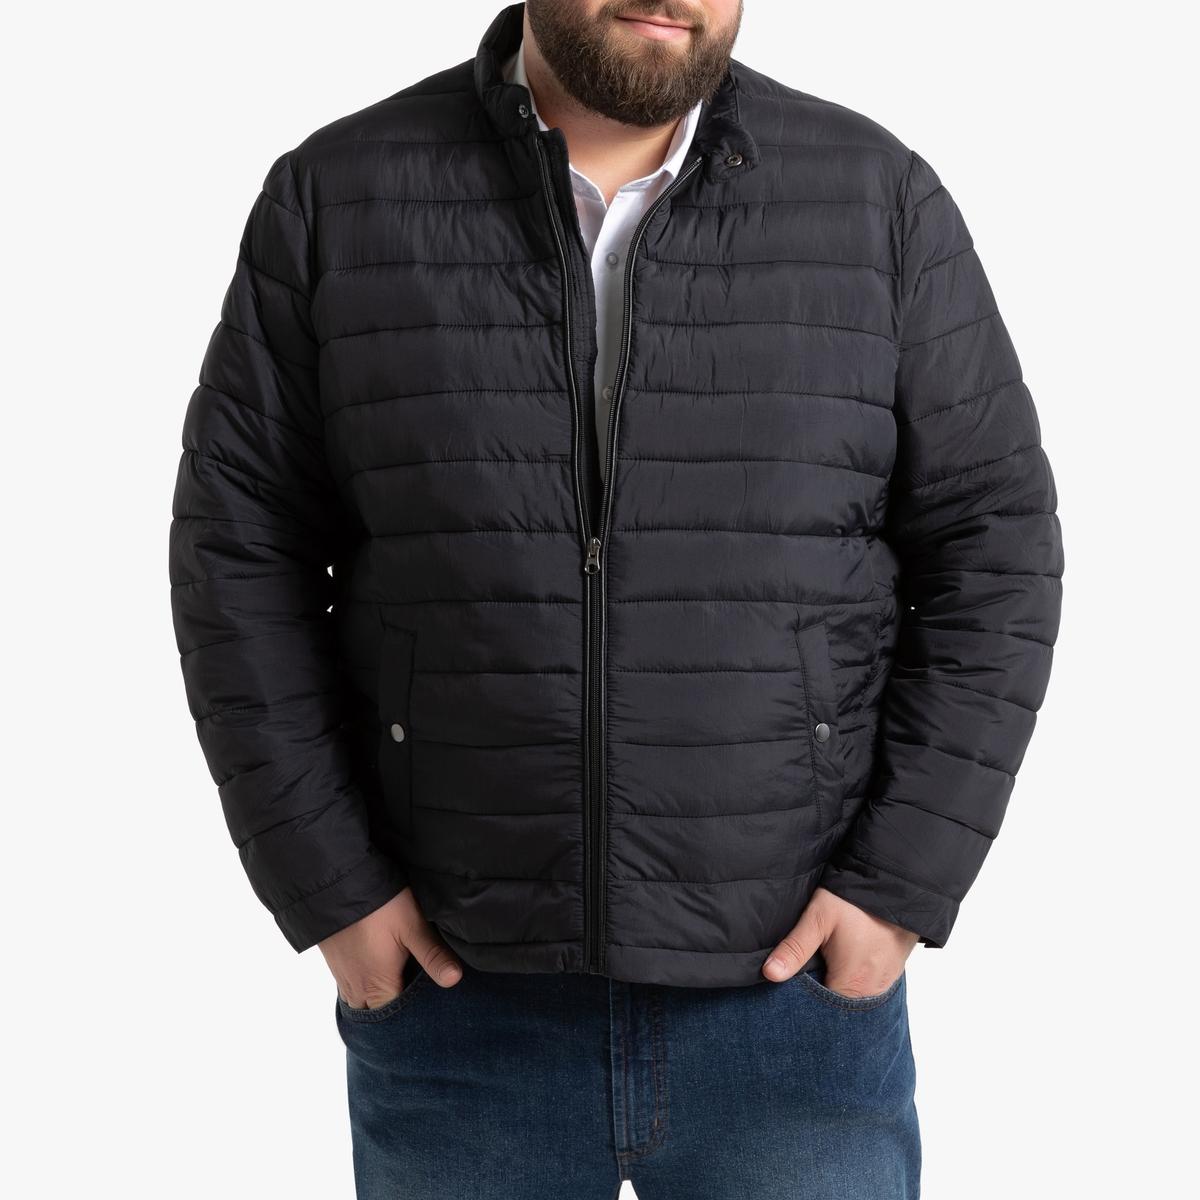 Куртка La Redoute Укороченная большого размера демисезонная модель 4XL черный